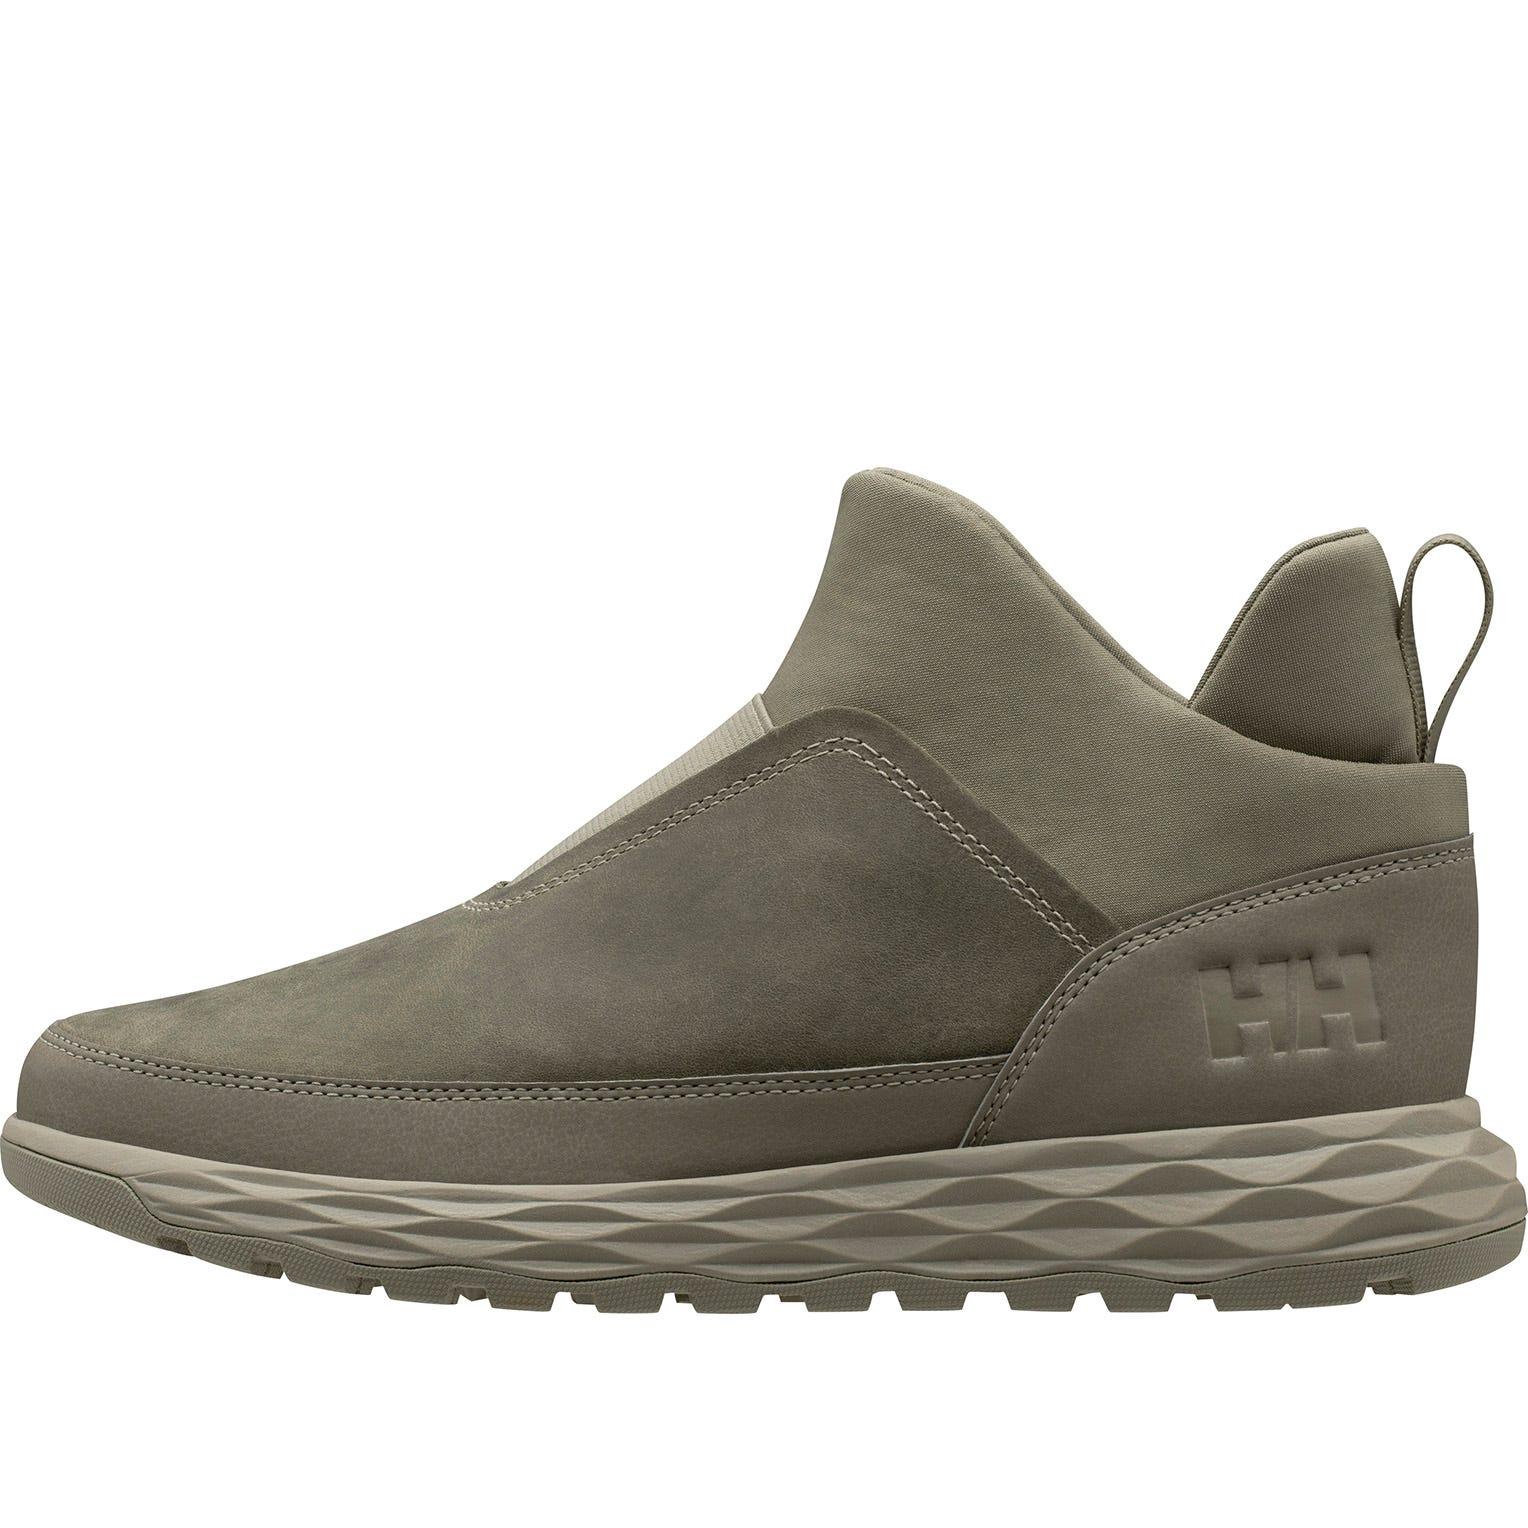 Helly Hansen Womens Casual Shoe Beige 5